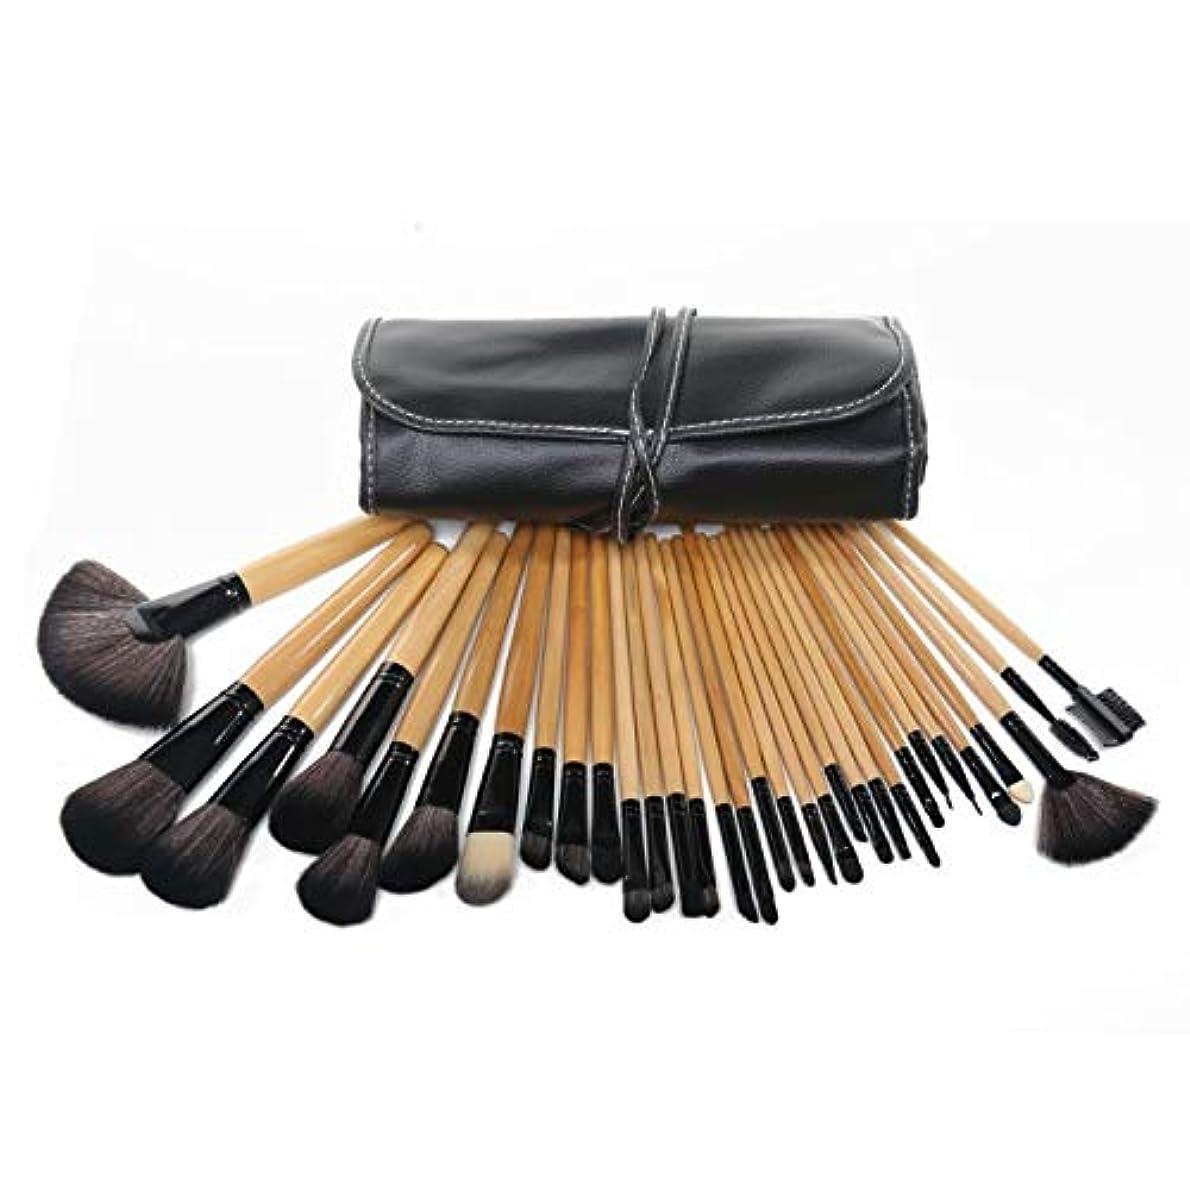 私たち自身レイかみそりSfHx 化粧ブラシセット、32ウッドカラー化粧ブラシ、ブラッシュブラシ、ルースパウダーブラシ、眉ブラシ、プロの化粧ブラシ化粧ギフト